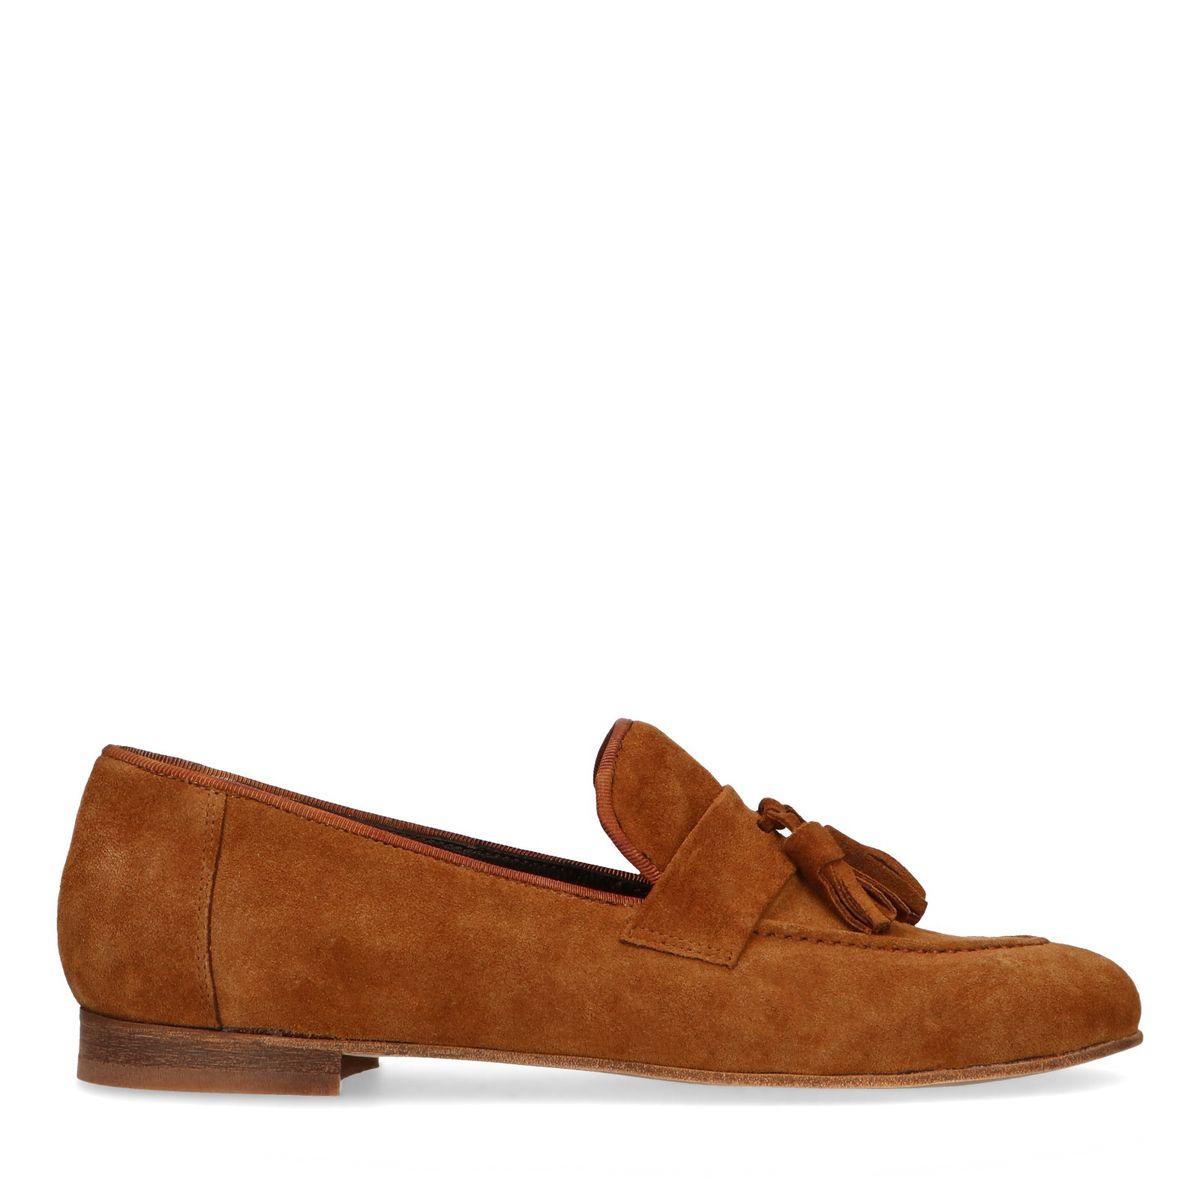 Loafers en daim - marron (Maat 38)